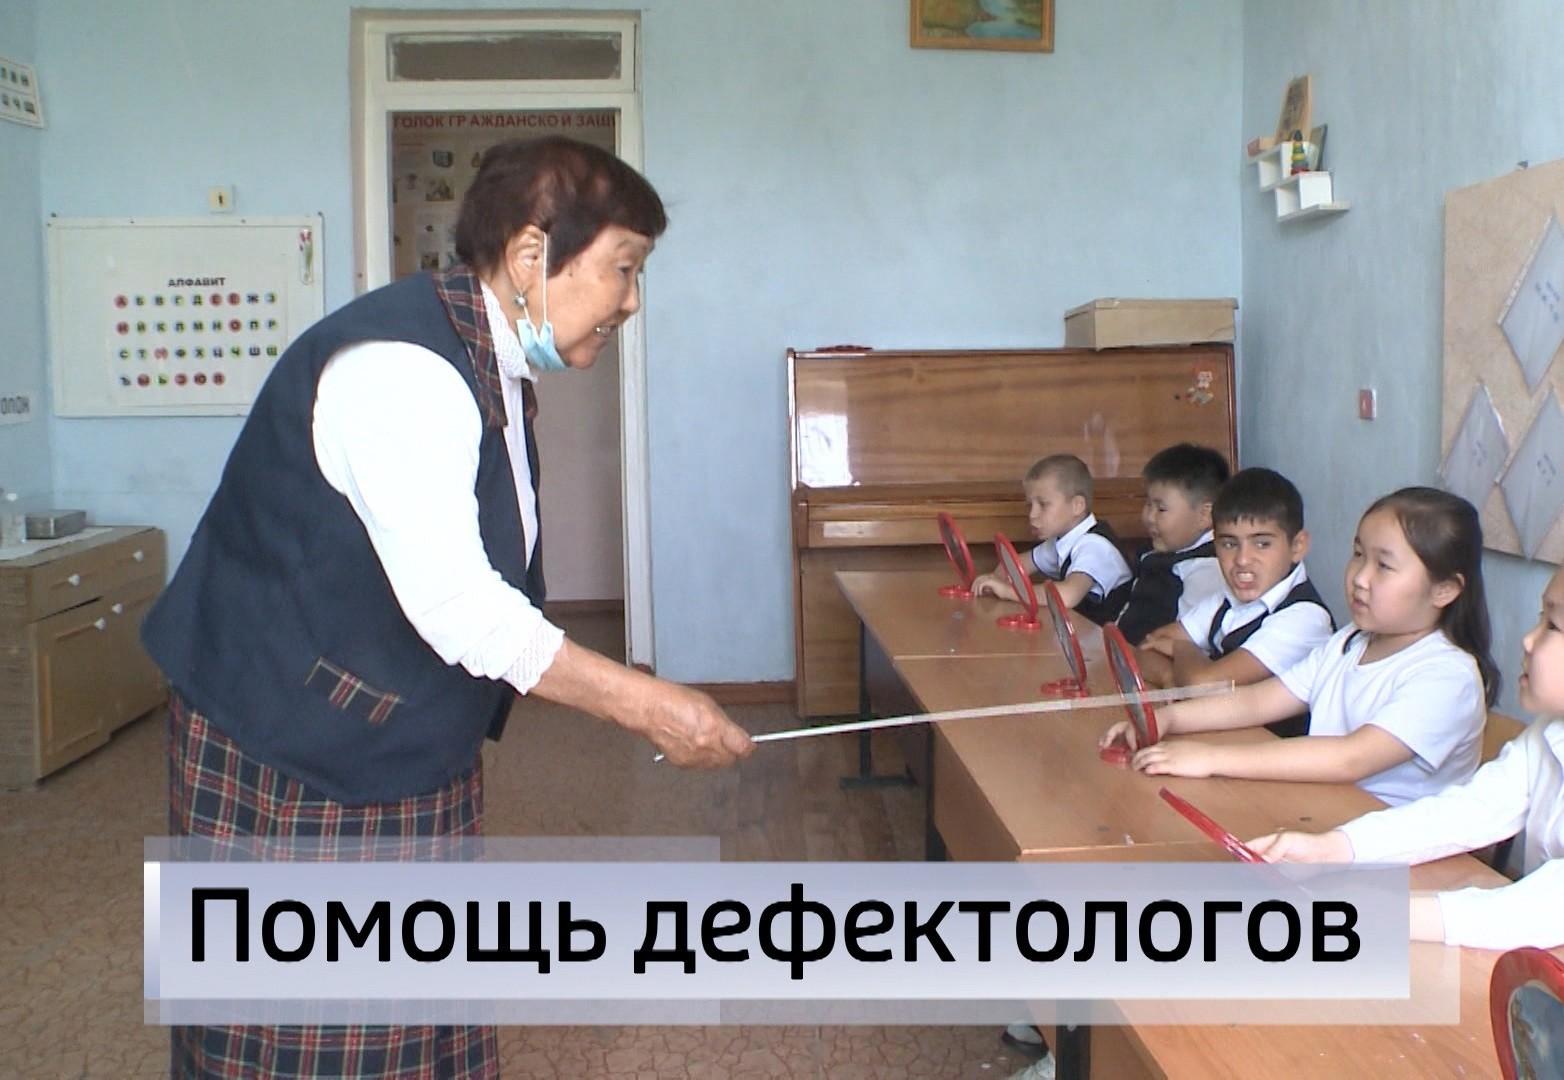 Сегодня 80-летие отмечает первый профессиональный дефектолог Калмыкии Валентина Бадмаева